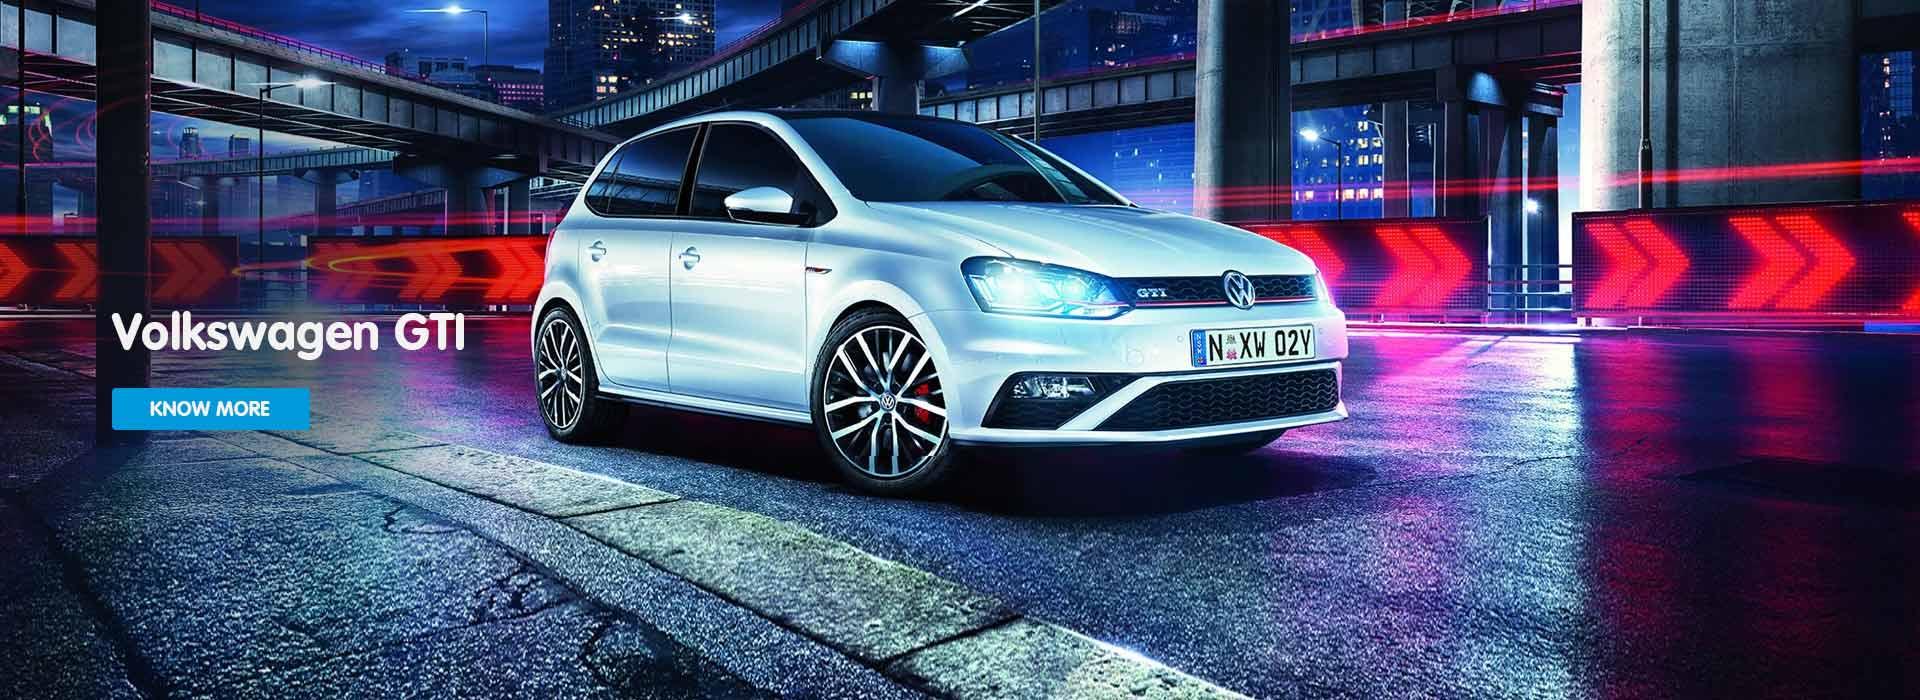 Volkswagen Dealers In Bangalore Volkswagen New Car